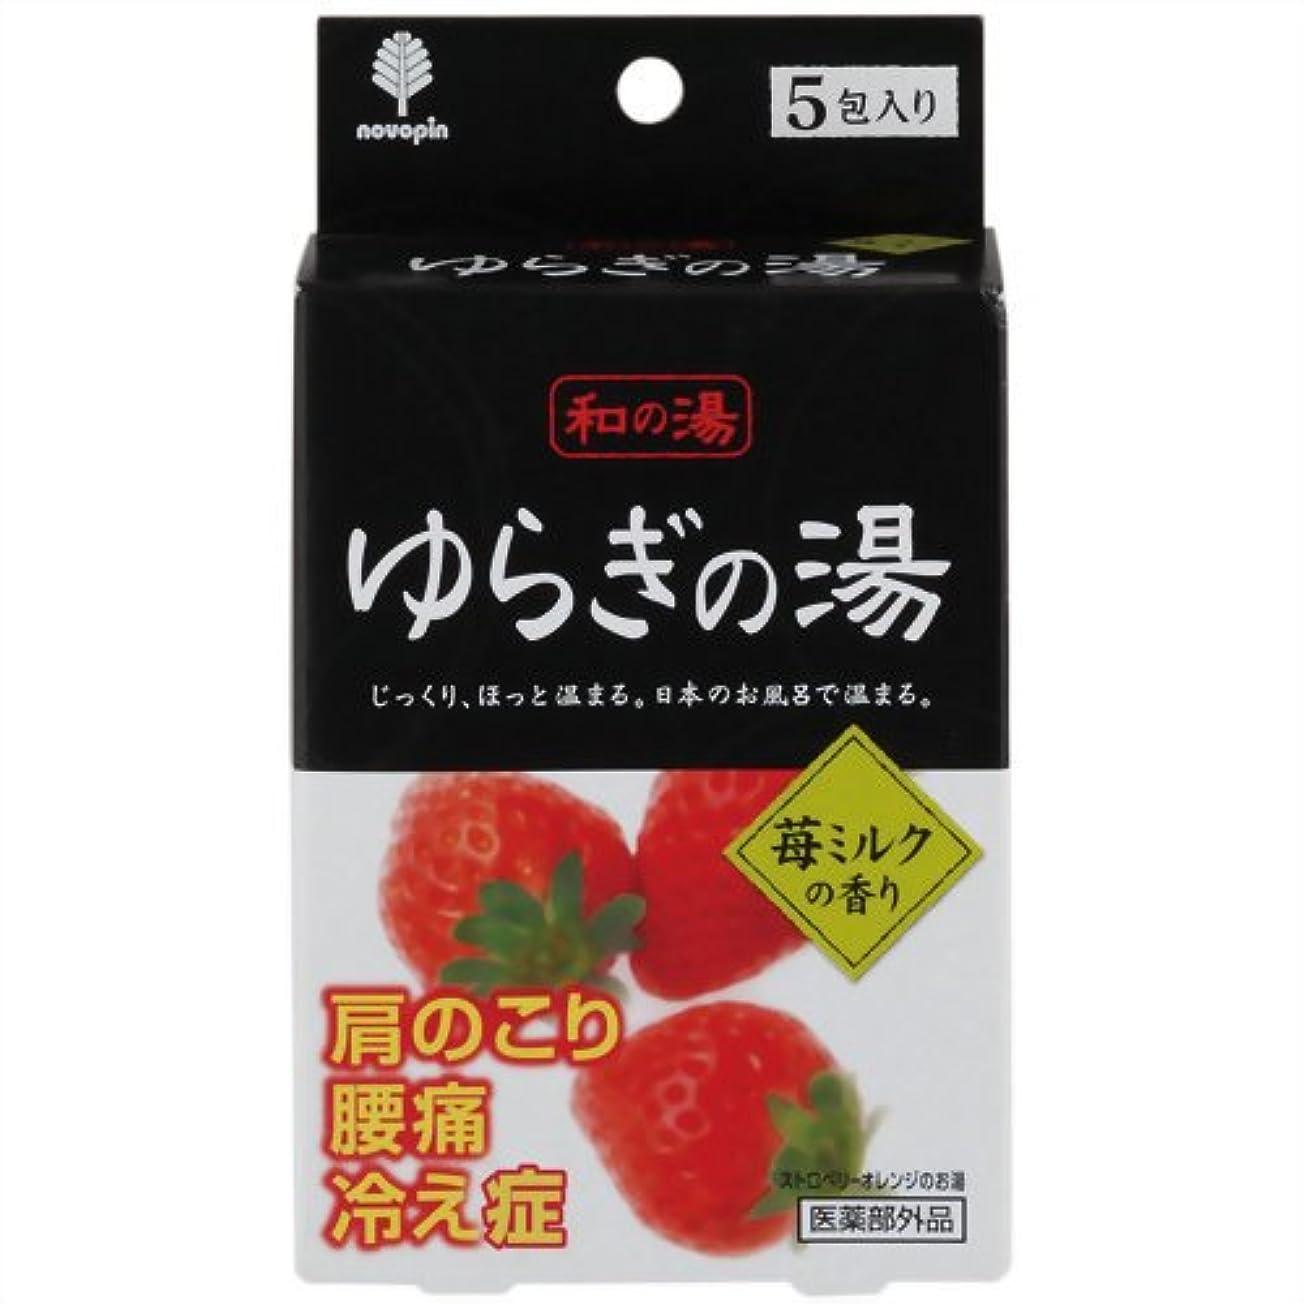 リビングルーム繁栄する緩める和の湯 ゆらぎの湯 苺ミルクの香り